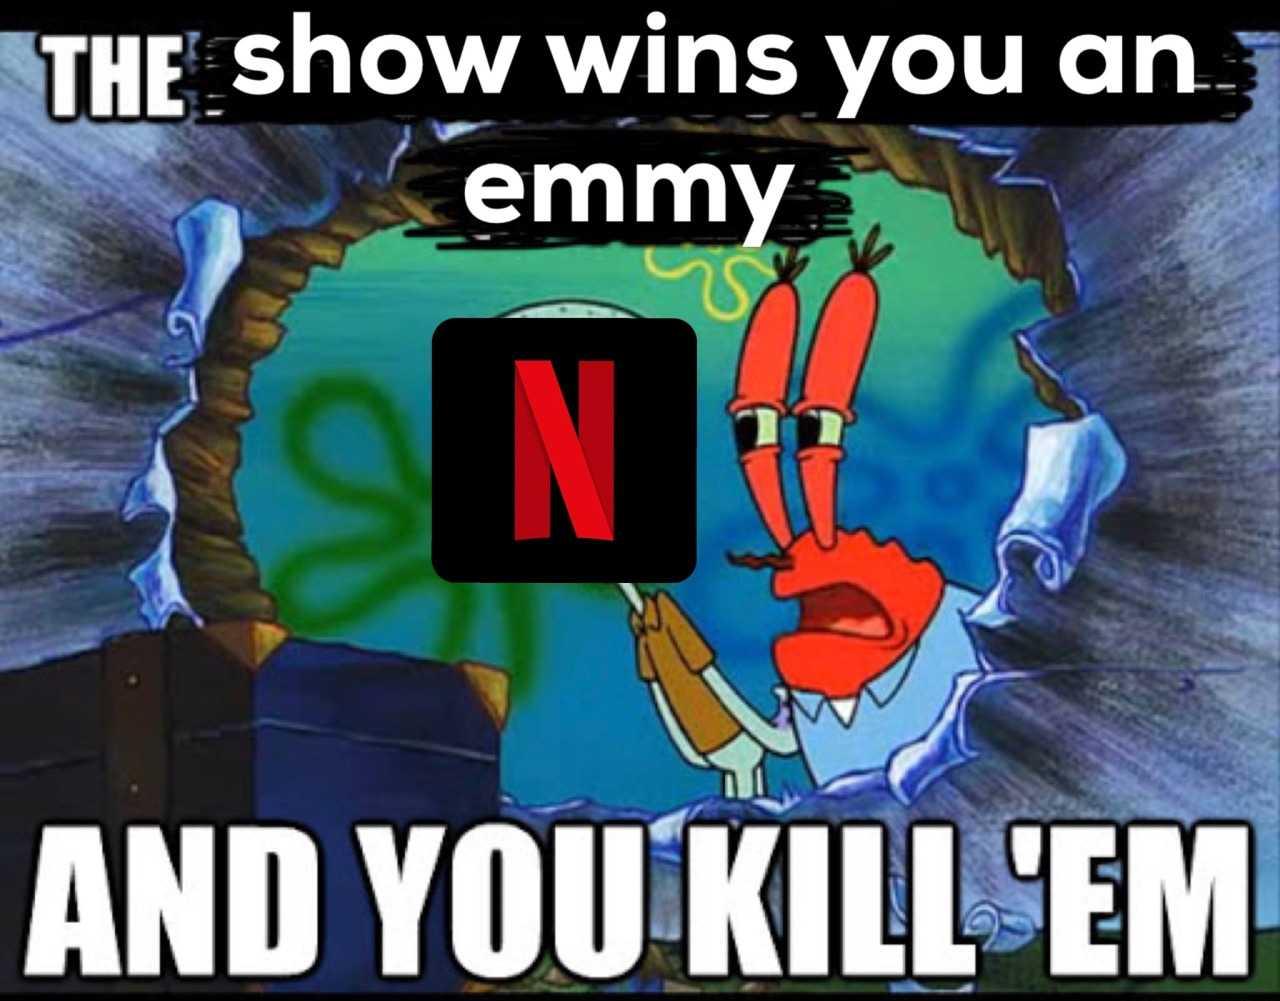 Funny Spongebob memes - Netflix tactics